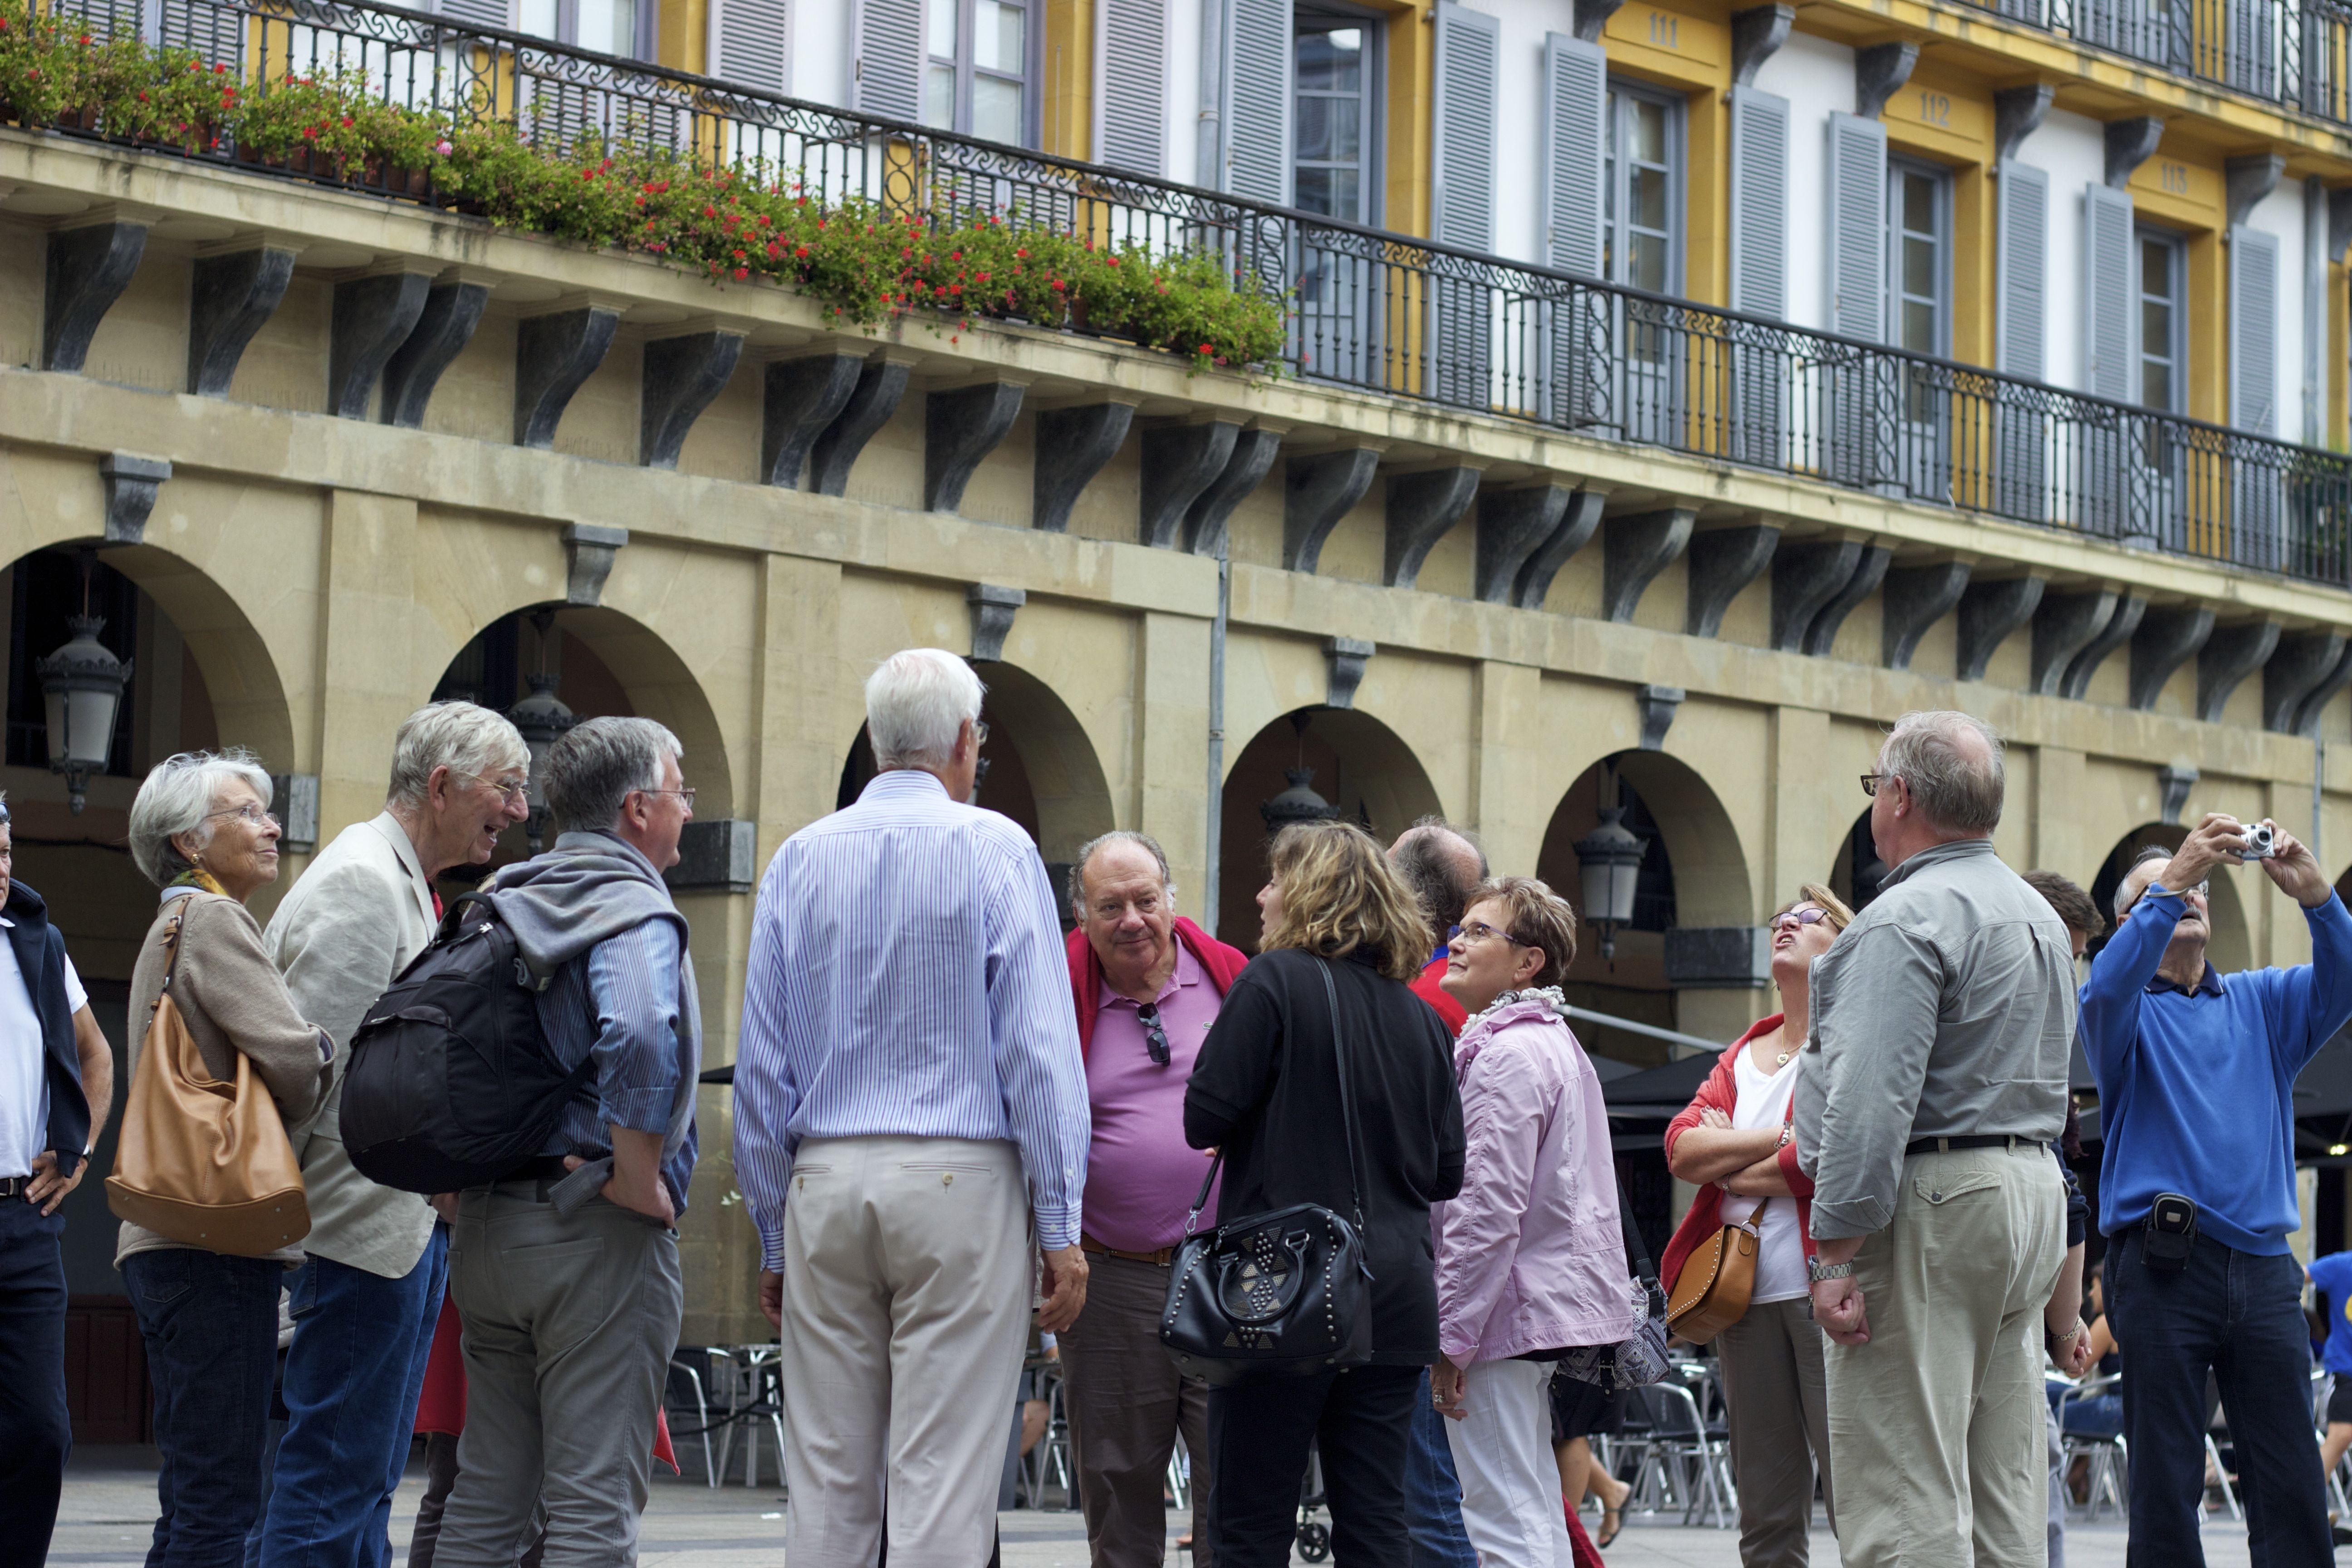 seminaire-entreprise-association-saint-sebastien-pays-basque-le-cercle-piment-espelette